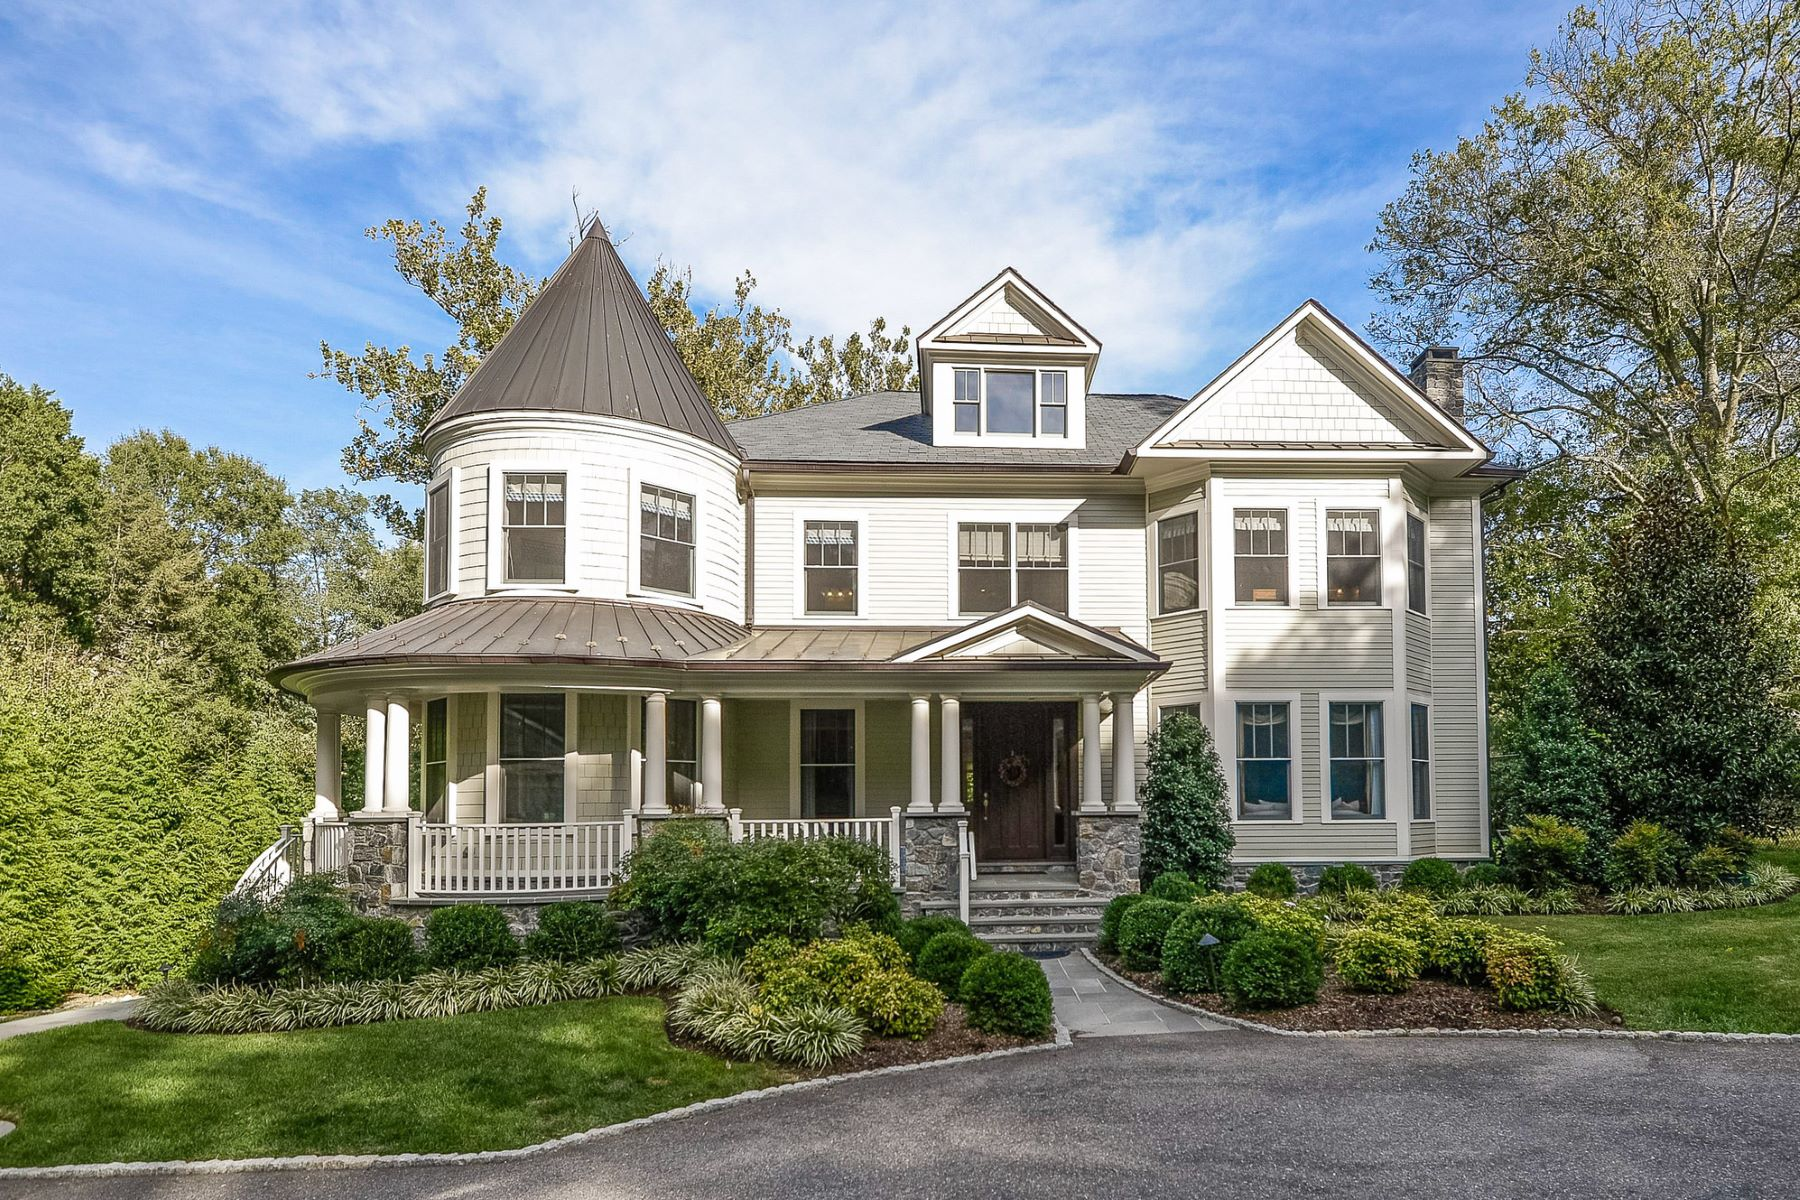 Maison unifamiliale pour l Vente à 833 Herbert Springs Road, Alexandria 833 Herbert Springs Rd Alexandria, Virginia 22308 États-Unis